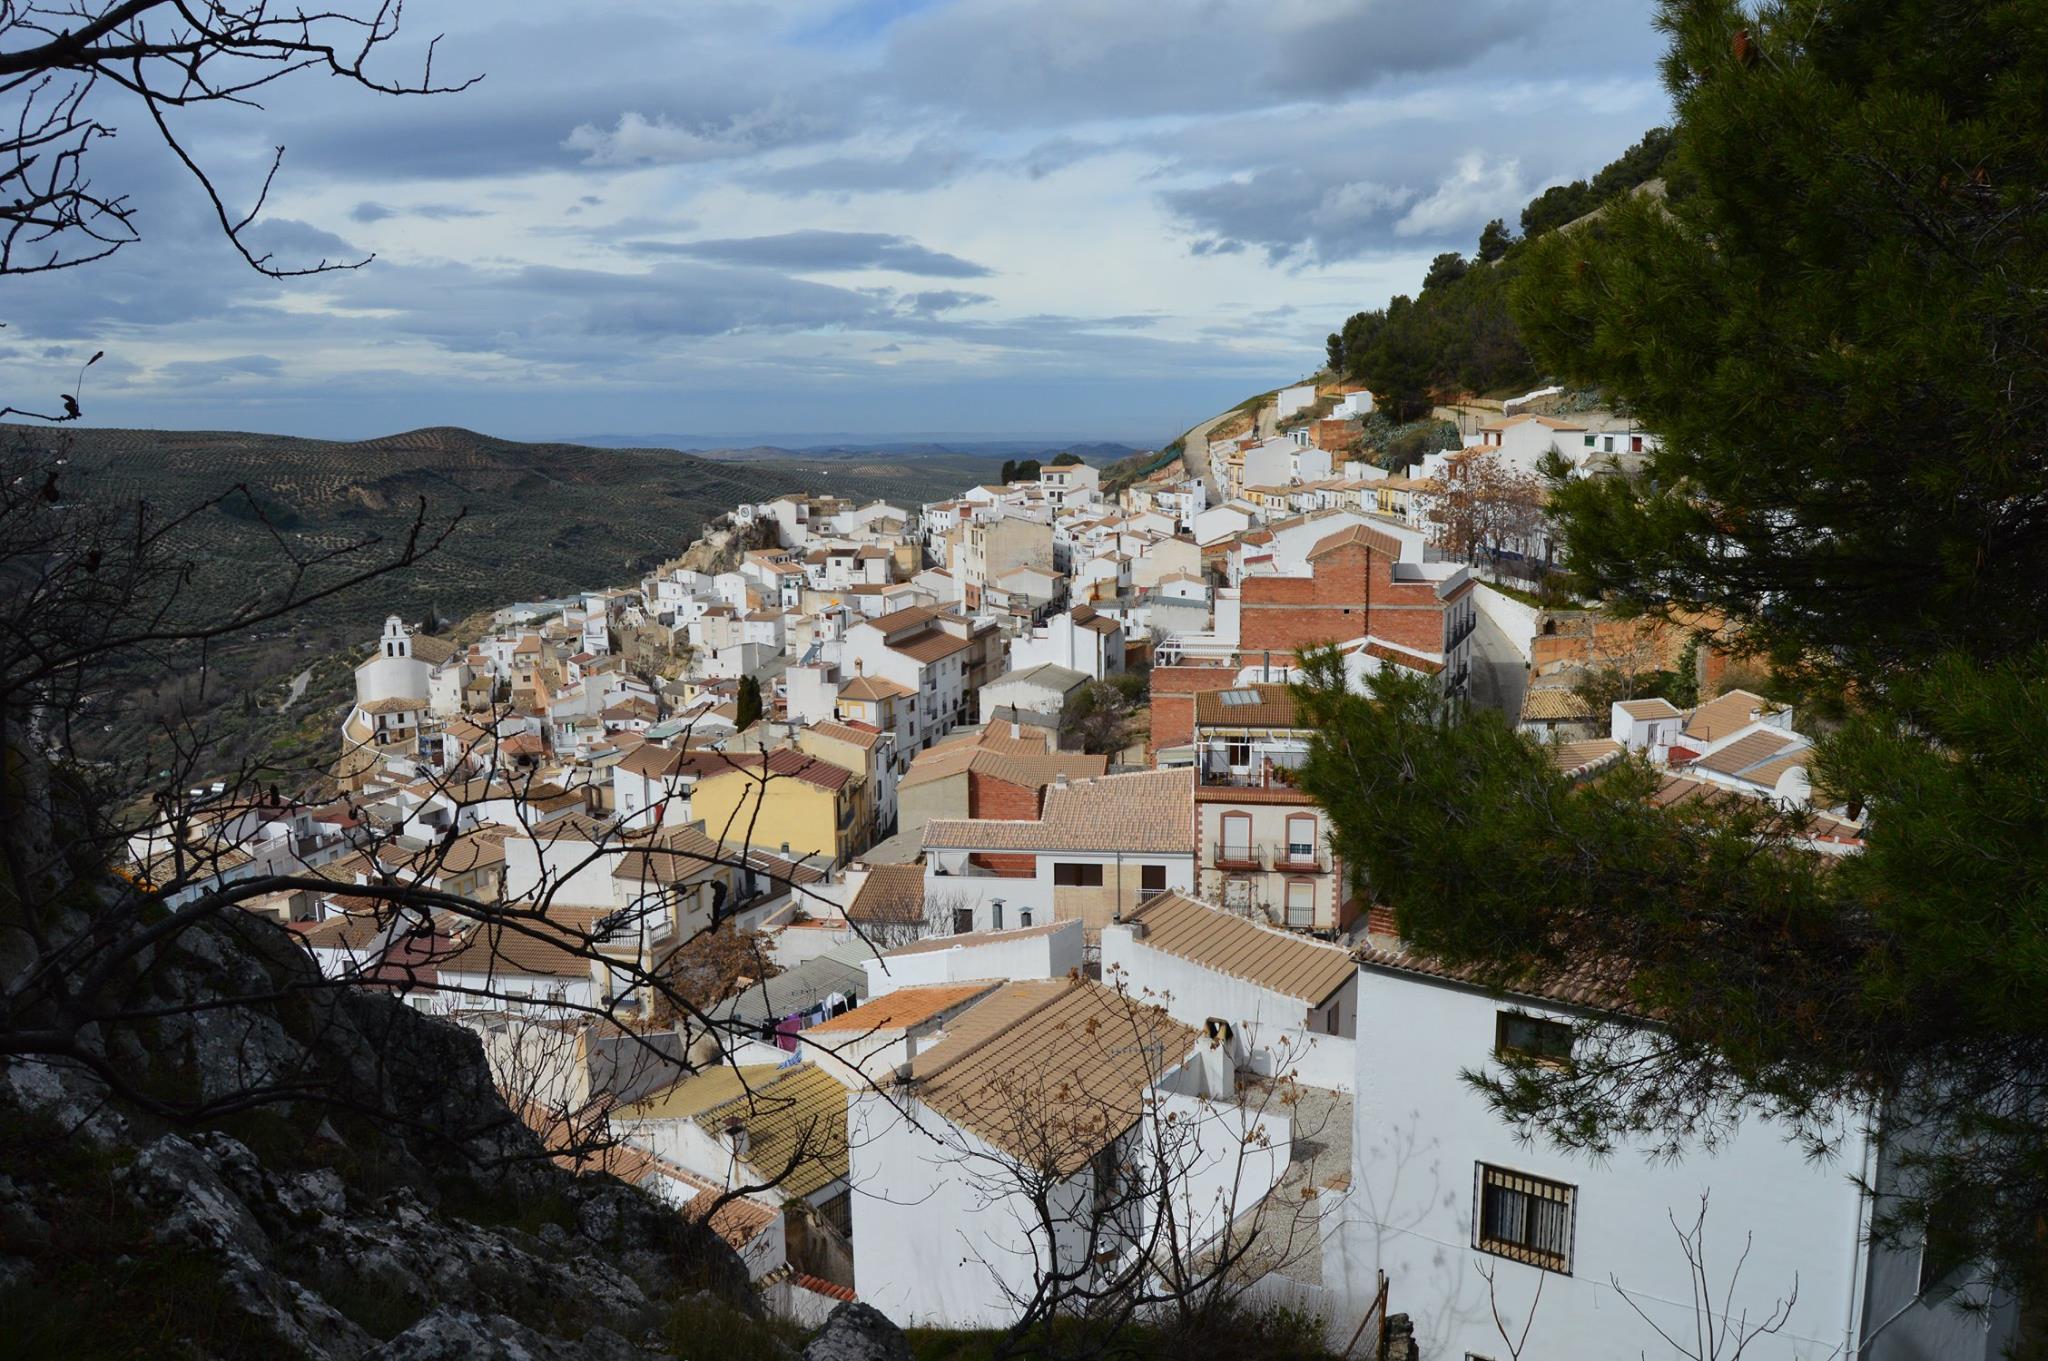 De Matabegid a Torres, sierra, camino e historia